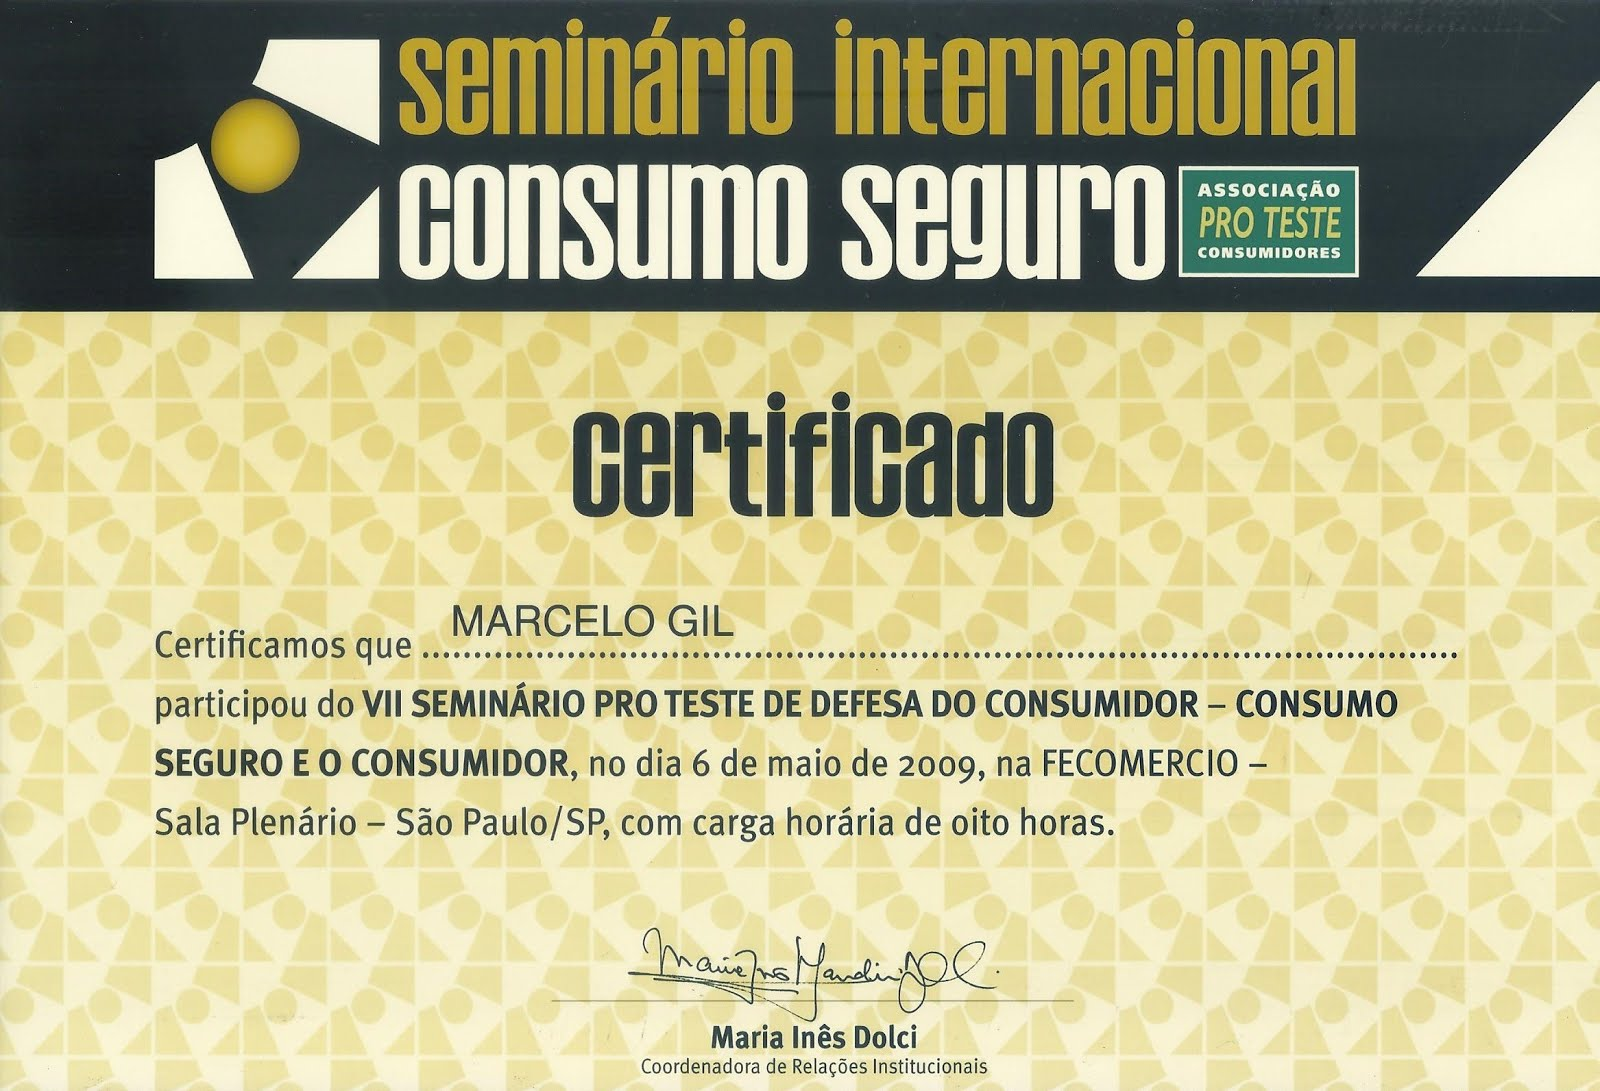 CERTIFICADO DE PARTICIPAÇÃO EM SEMINÁRIO DA ASSOCIAÇÃO BRASILEIRA DE DEFESA DO CONSUMIDOR - 2009